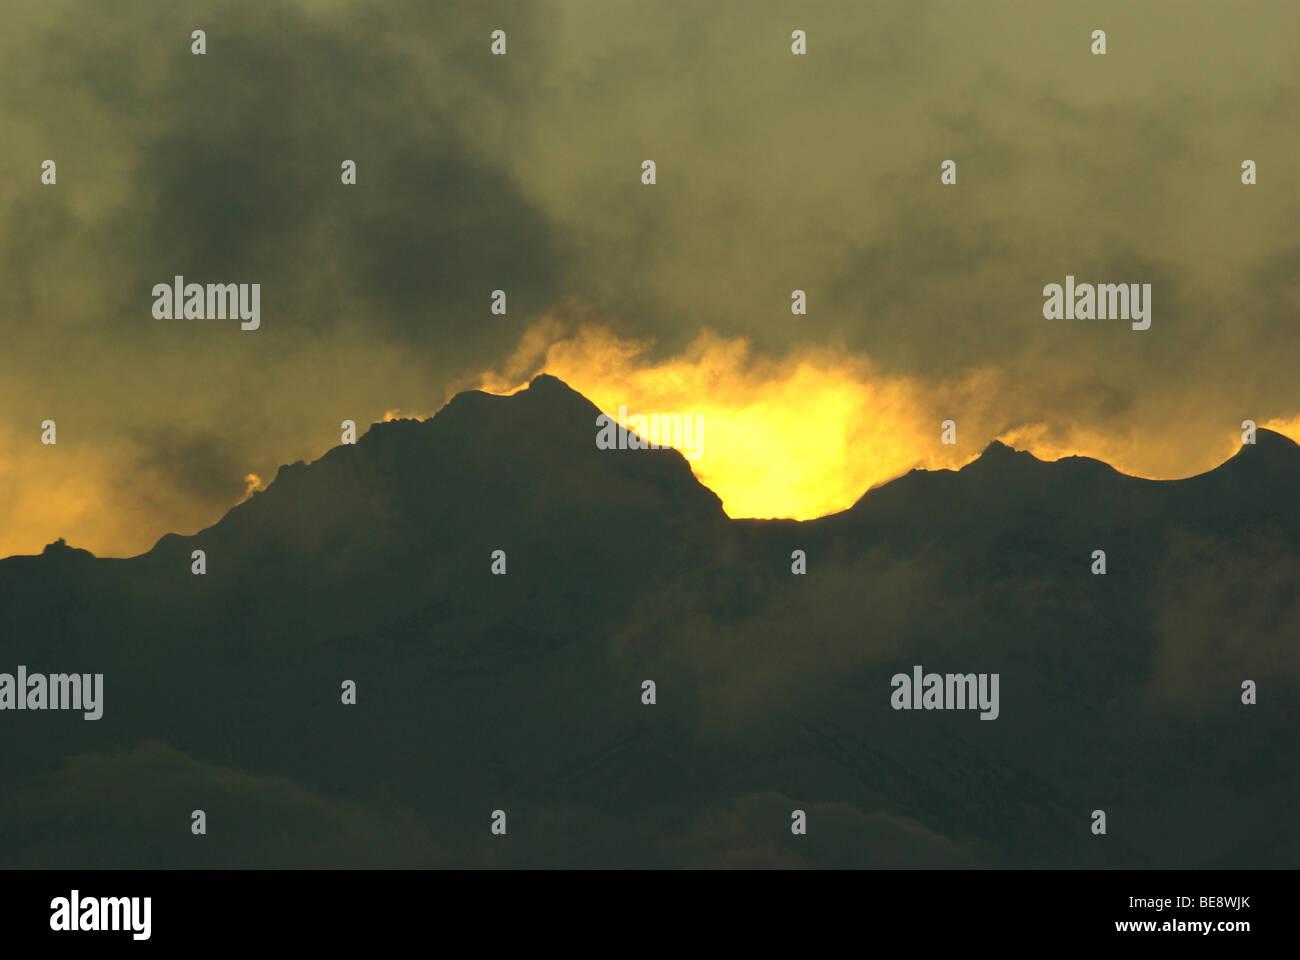 Jungfrau in brandende lucht bij zonsopkomst op nieuwjaarsmorgen Stock Photo